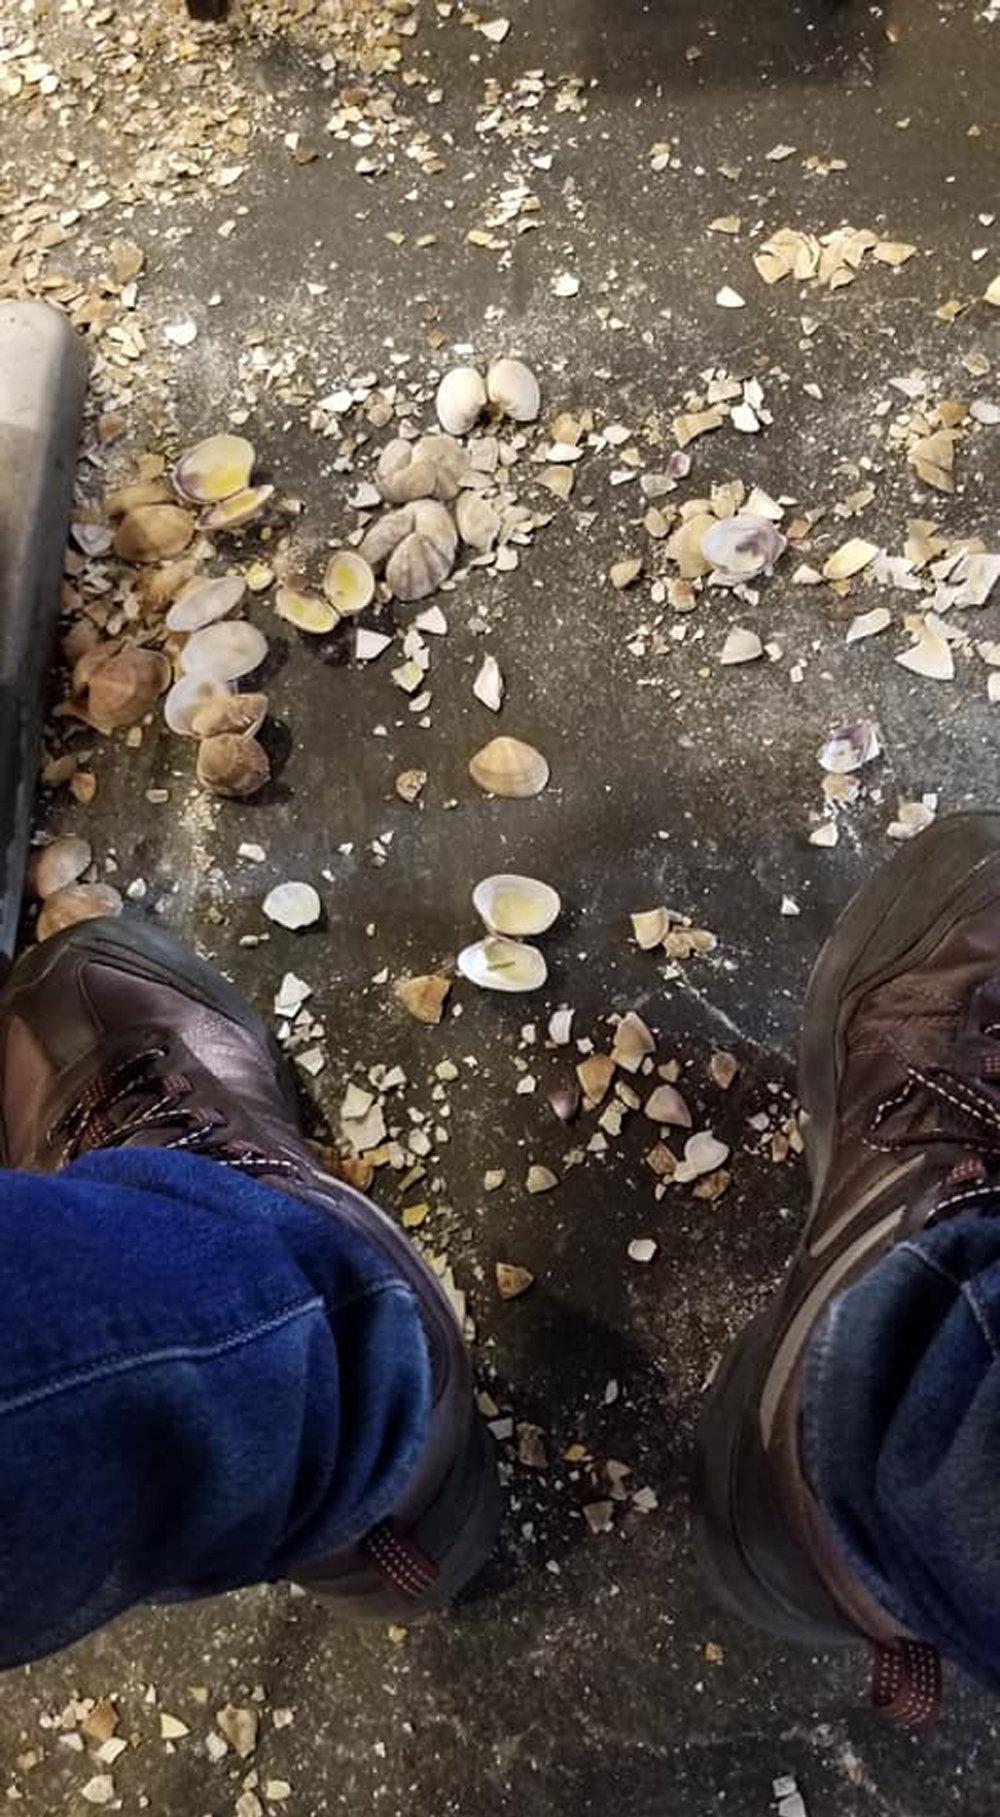 顾客们吃完海鲜,便将海鲜的壳直接扔到地上。